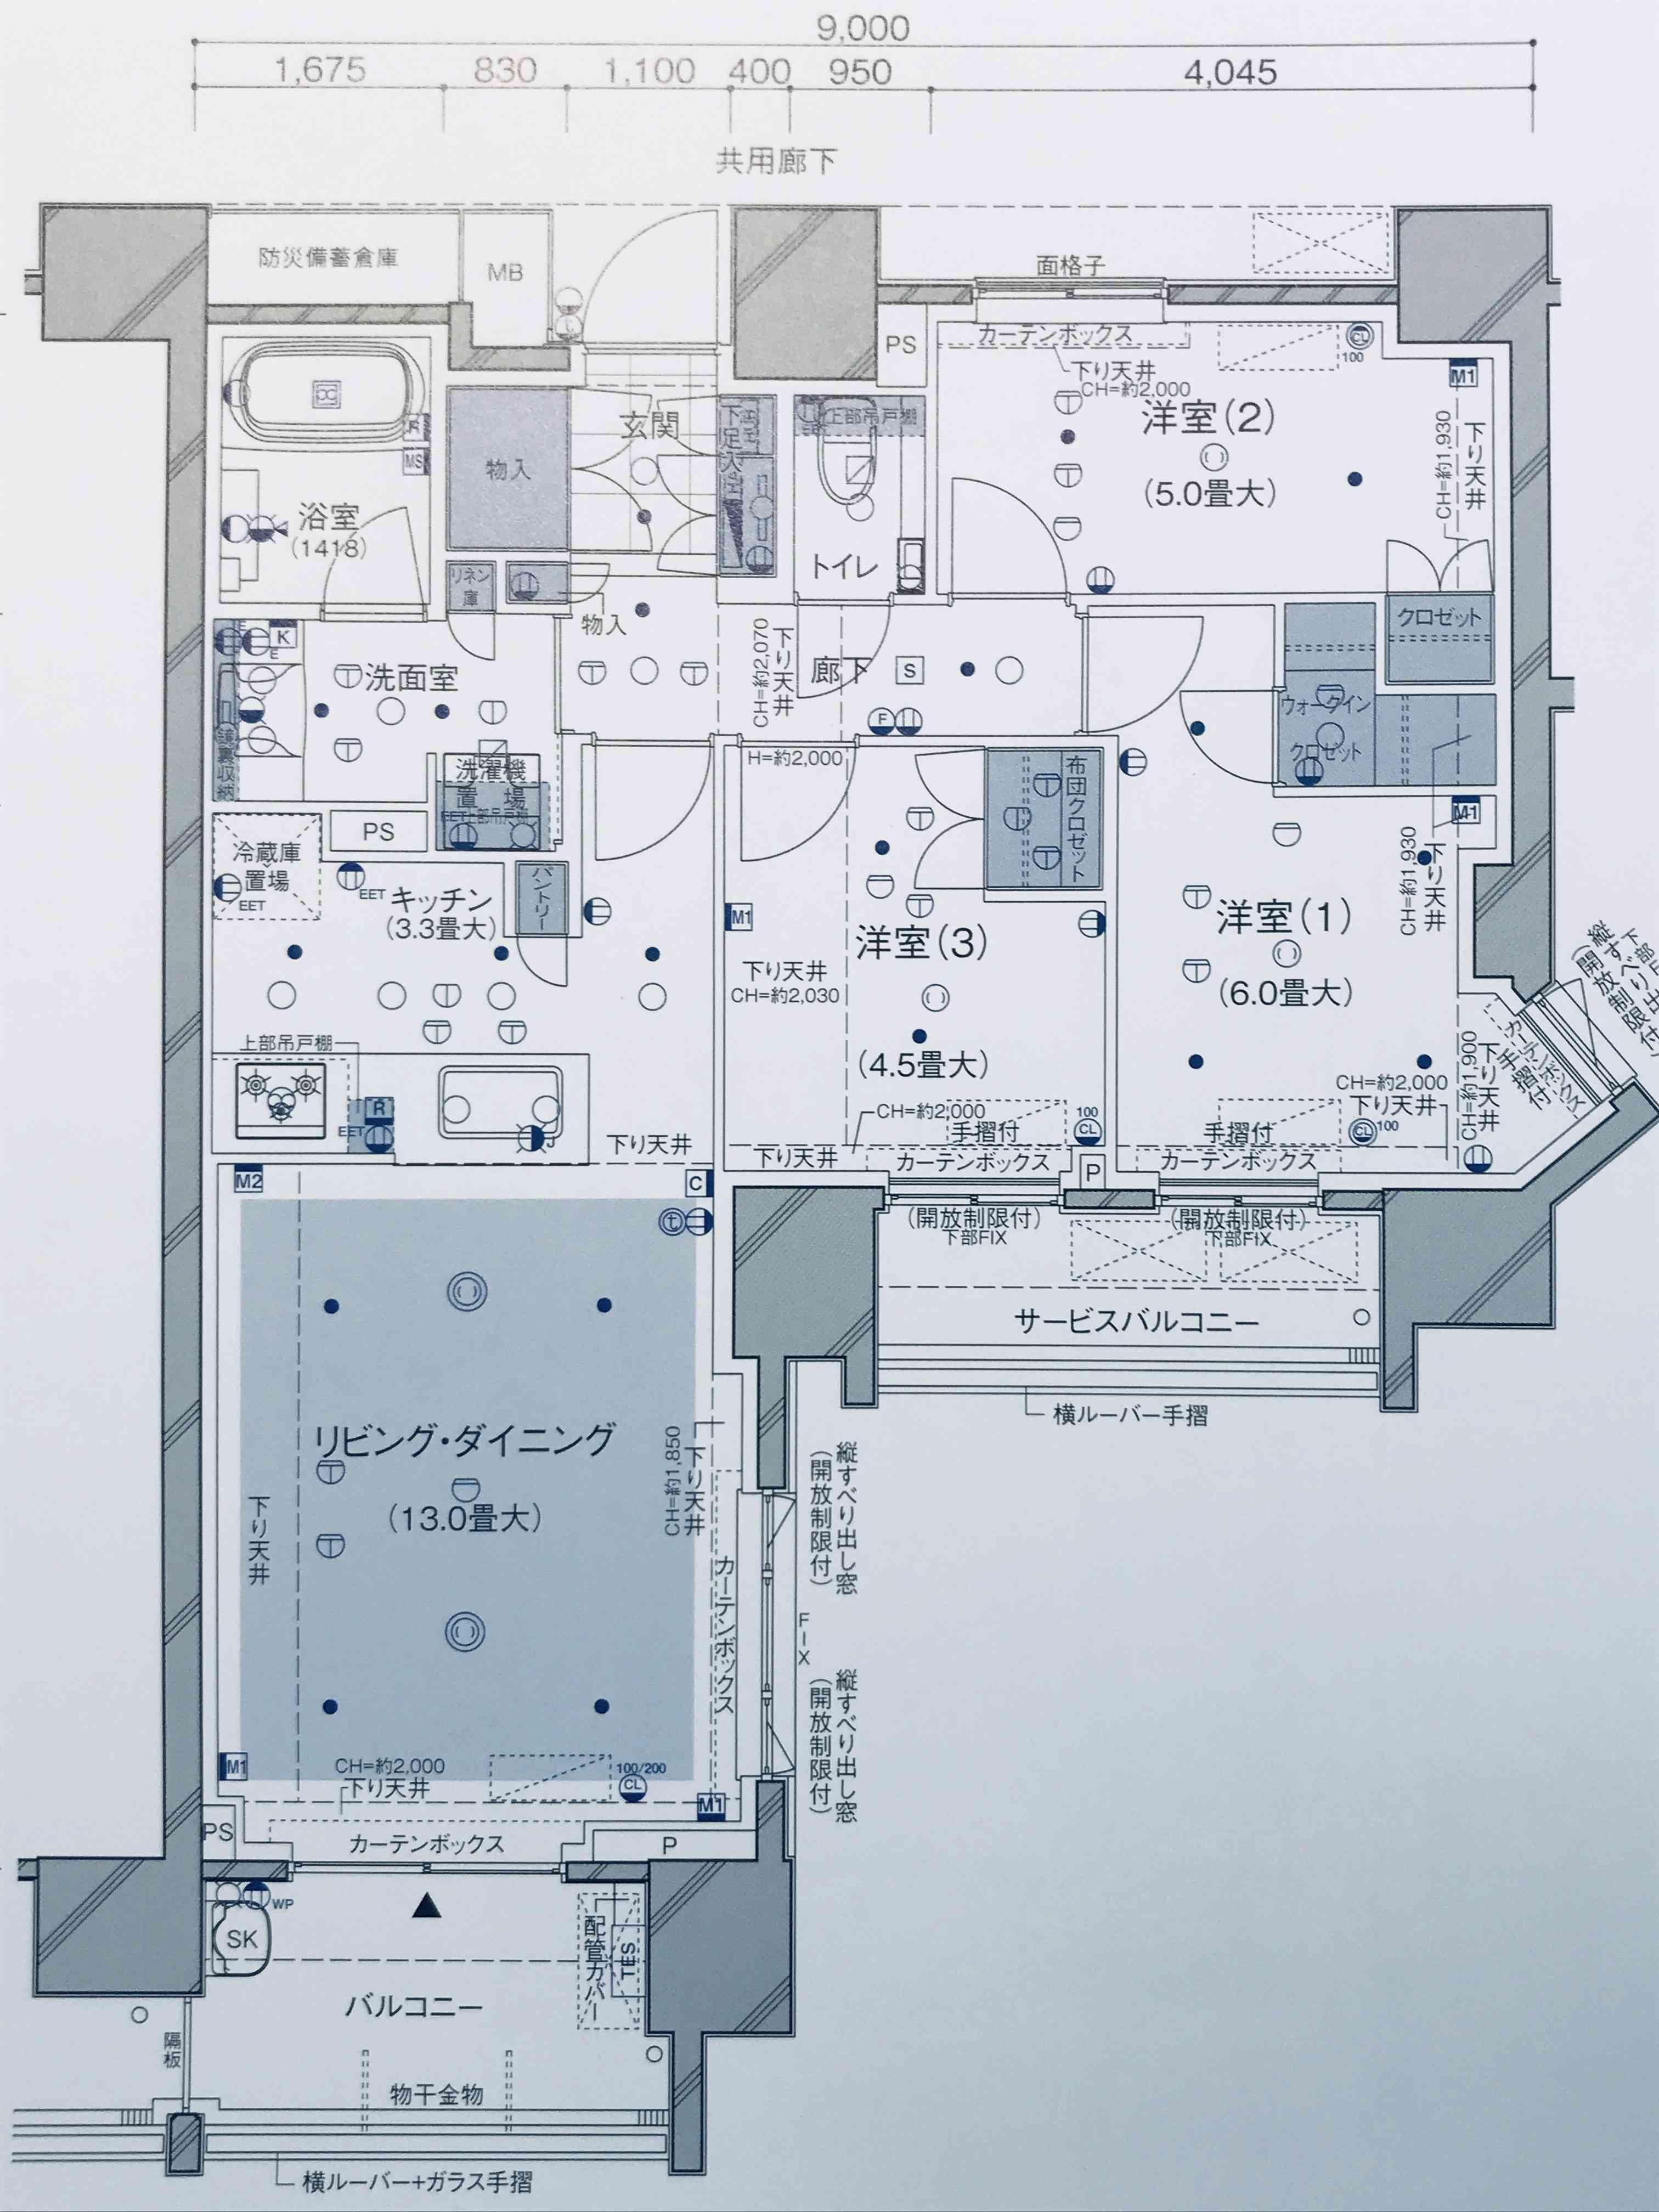 【お便り返し_10】青田買いしたマンションが、実際に部屋を内覧したら狭くてびっくりした!